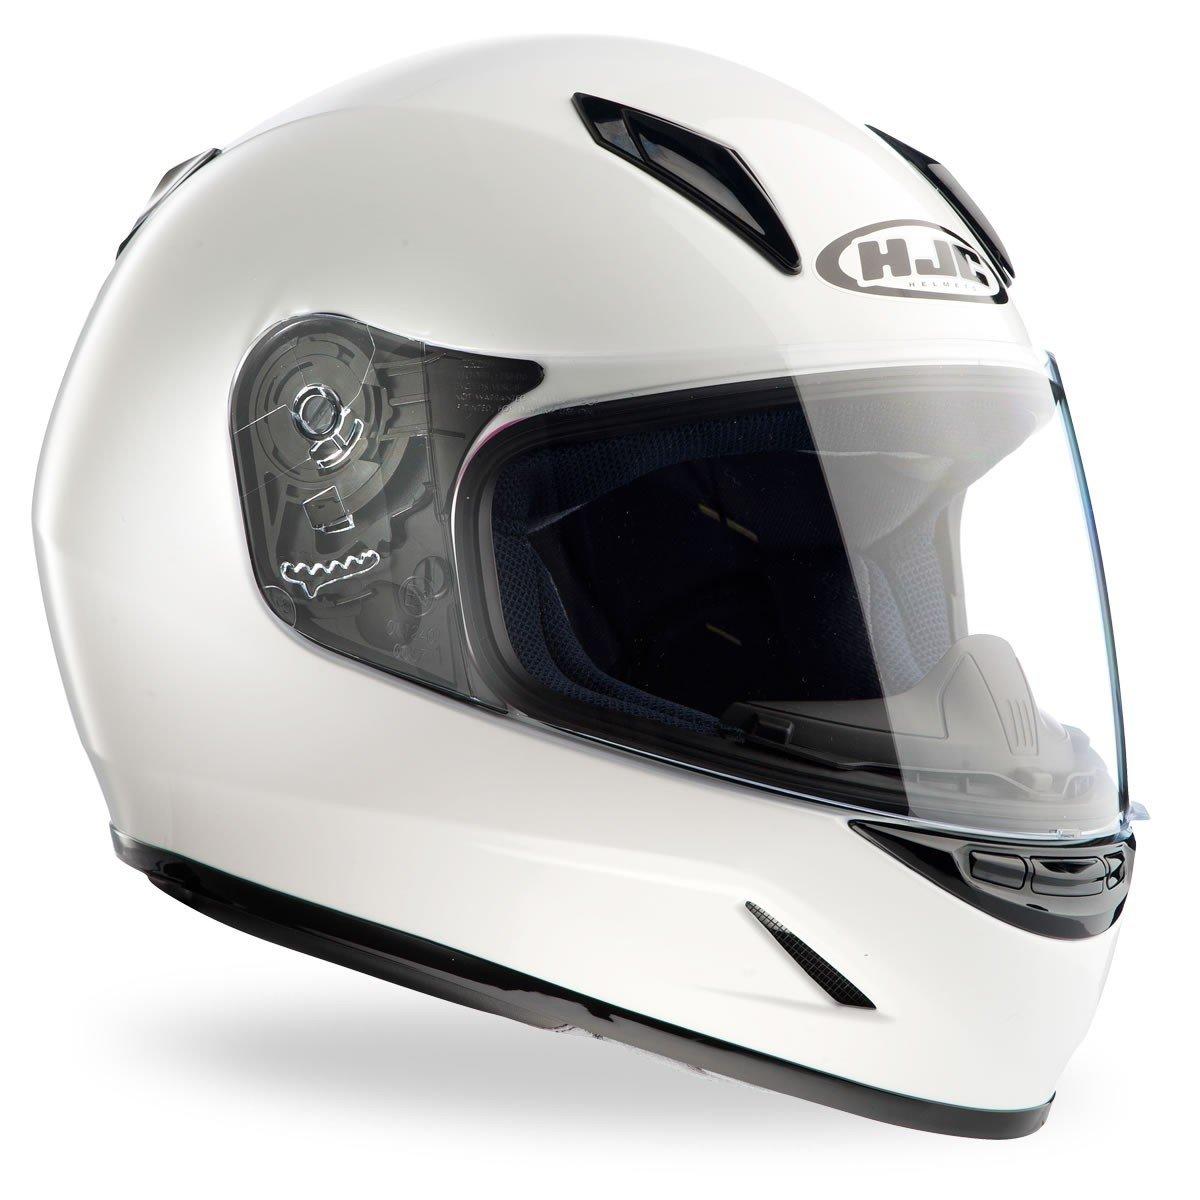 Dětská motocyklová přilba menší velikosti HJC CL-Y Solid White (bílá) JS (50-51)